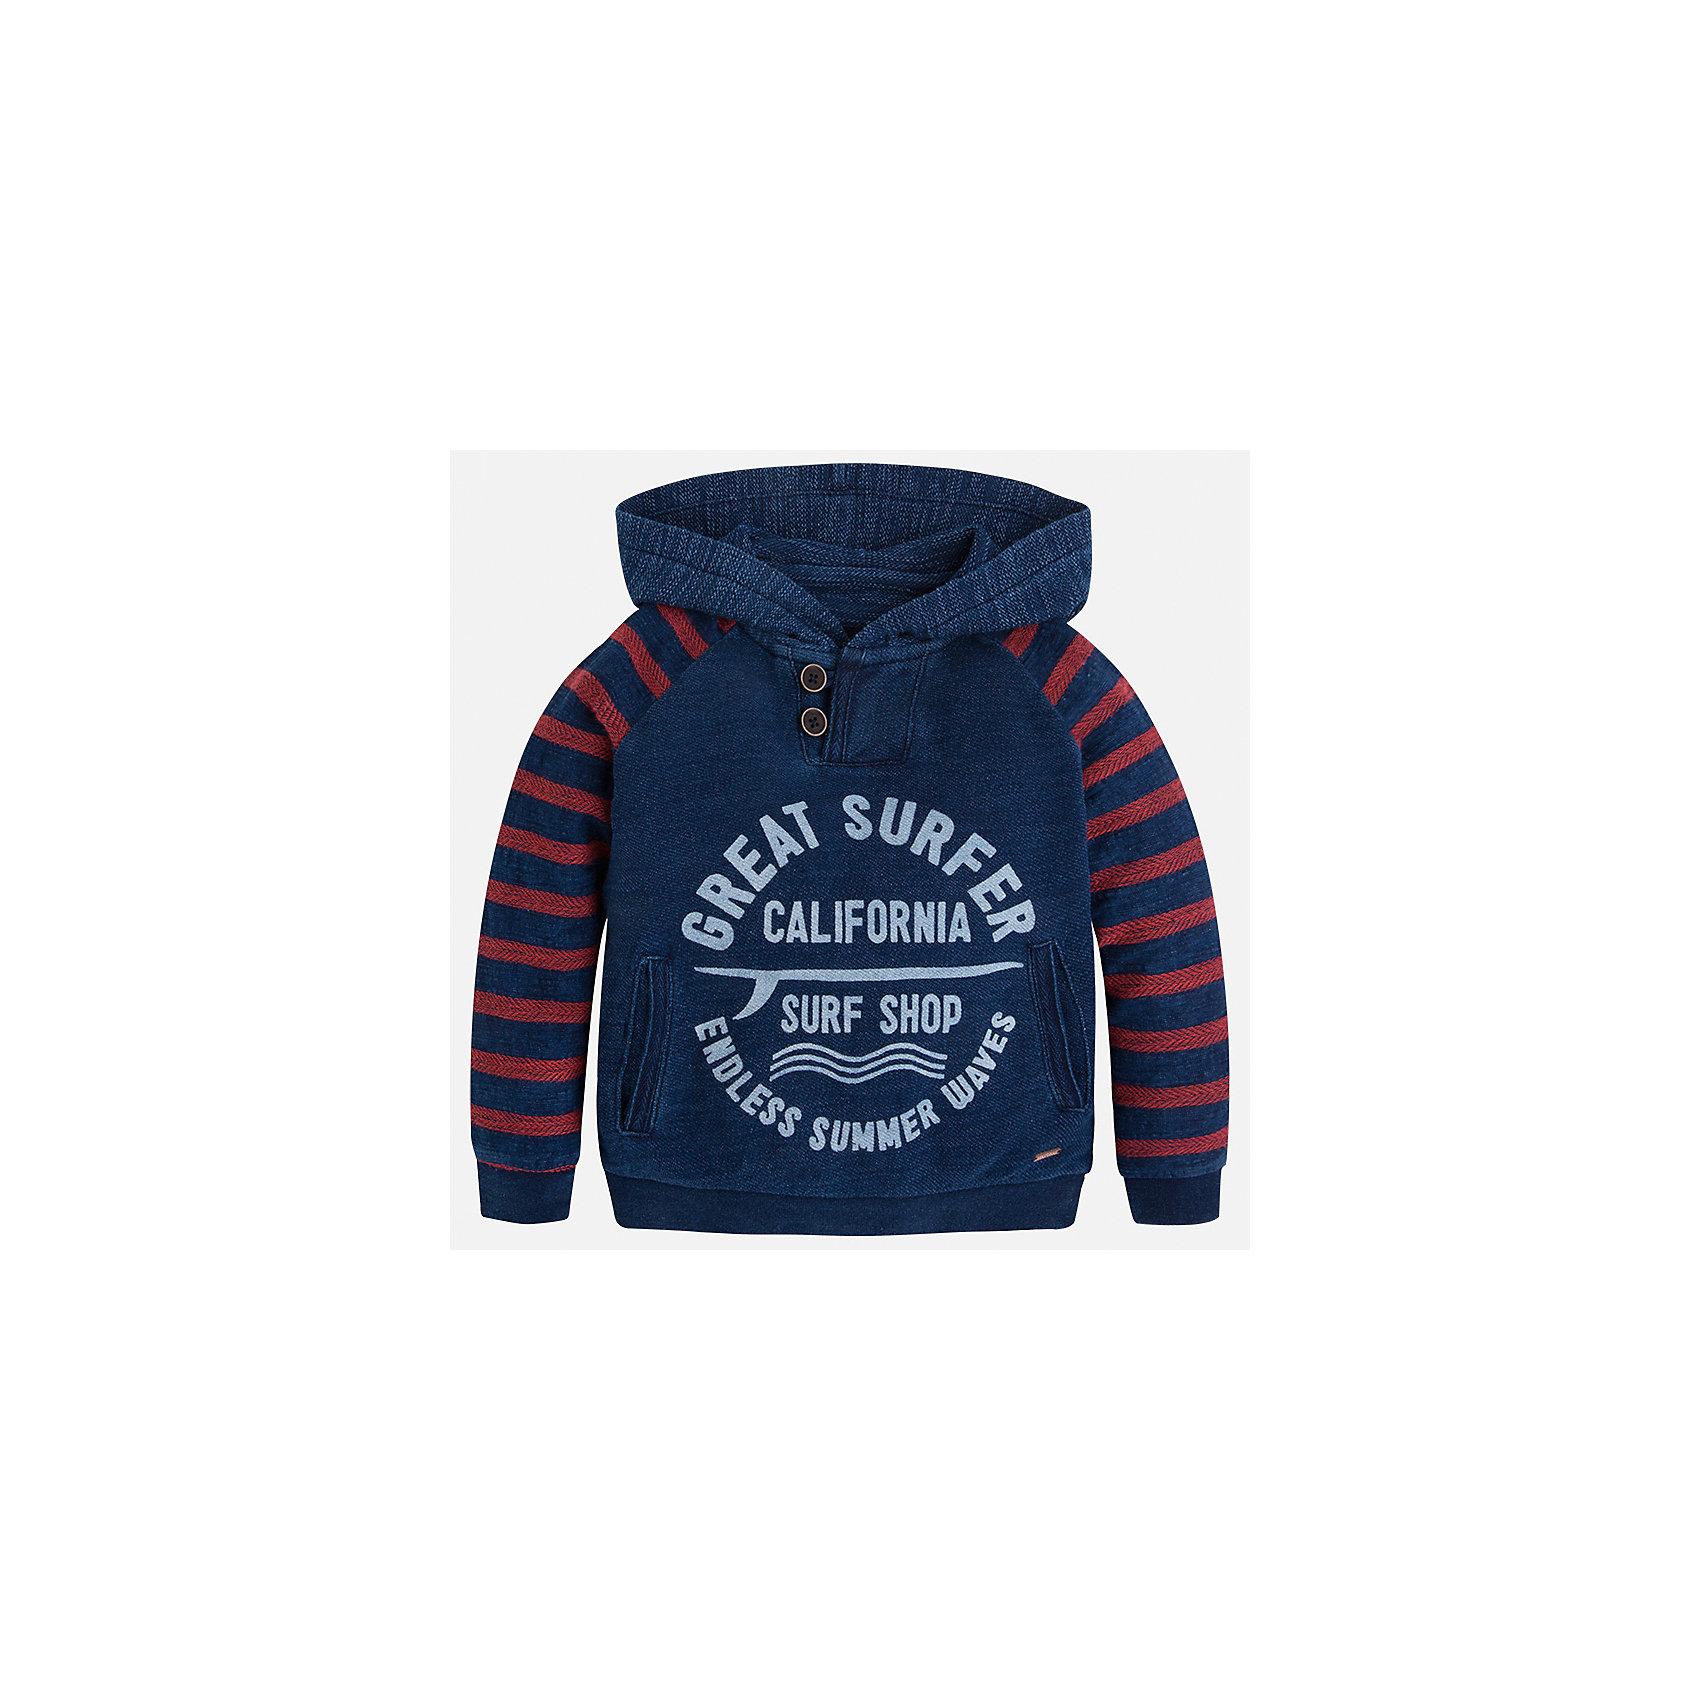 Толстовка для мальчика MayoralЛови волну<br>Характеристики товара:<br><br>• цвет: красный/синий<br>• состав: 74% хлопок, 26% полиэстер<br>• рукава длинные <br>• принт<br>• карманы<br>• капюшон<br>• страна бренда: Испания<br><br>Удобный и красивый свитер для мальчика поможет разнообразить гардероб ребенка и обеспечить тепло. Он отлично сочетается и с джинсами, и с брюками. Универсальный цвет позволяет подобрать к вещи низ различных расцветок. Интересная отделка модели делает её нарядной и оригинальной. В составе материала - натуральный хлопок, гипоаллергенный, приятный на ощупь, дышащий.<br><br>Одежда, обувь и аксессуары от испанского бренда Mayoral полюбились детям и взрослым по всему миру. Модели этой марки - стильные и удобные. Для их производства используются только безопасные, качественные материалы и фурнитура. Порадуйте ребенка модными и красивыми вещами от Mayoral! <br><br>Свитер для мальчика от испанского бренда Mayoral (Майорал) можно купить в нашем интернет-магазине.<br><br>Ширина мм: 190<br>Глубина мм: 74<br>Высота мм: 229<br>Вес г: 236<br>Цвет: синий<br>Возраст от месяцев: 18<br>Возраст до месяцев: 24<br>Пол: Мужской<br>Возраст: Детский<br>Размер: 92,134,128,122,116,110,104,98<br>SKU: 5272828